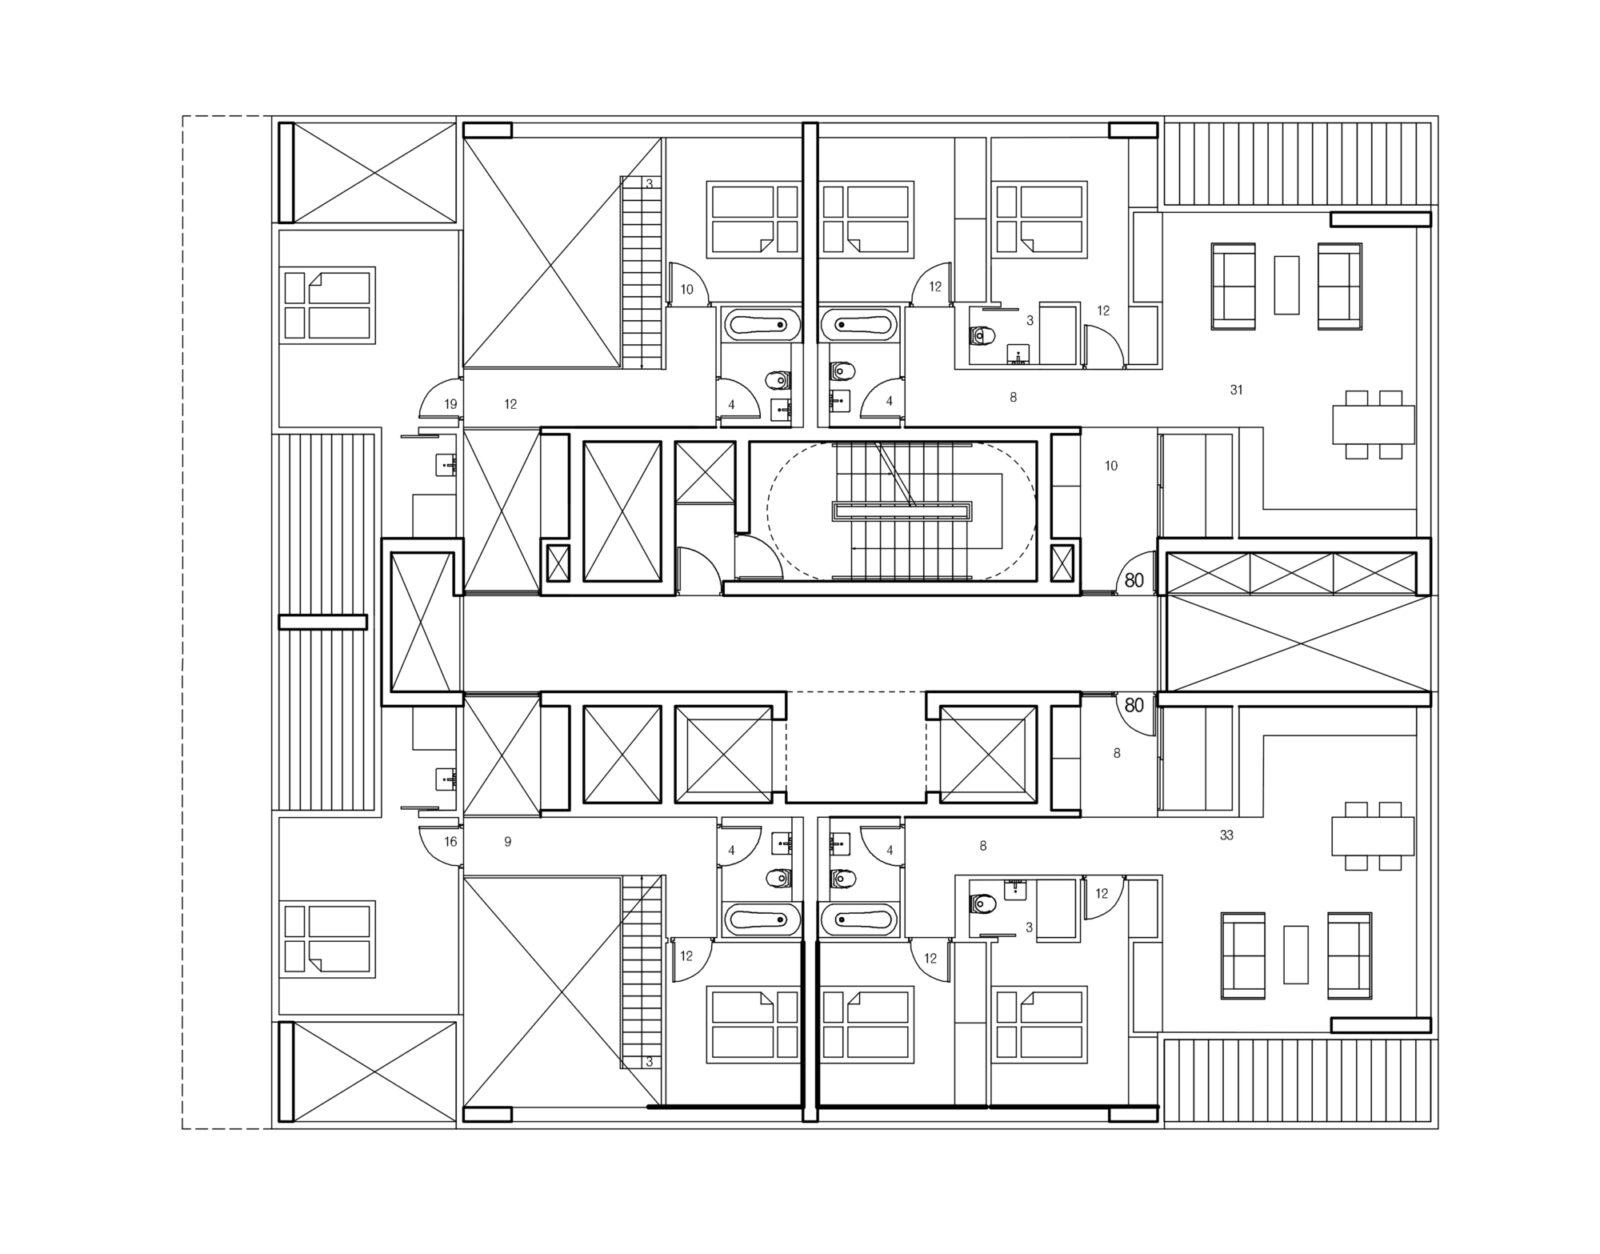 Res Tower Upper Floor Plan